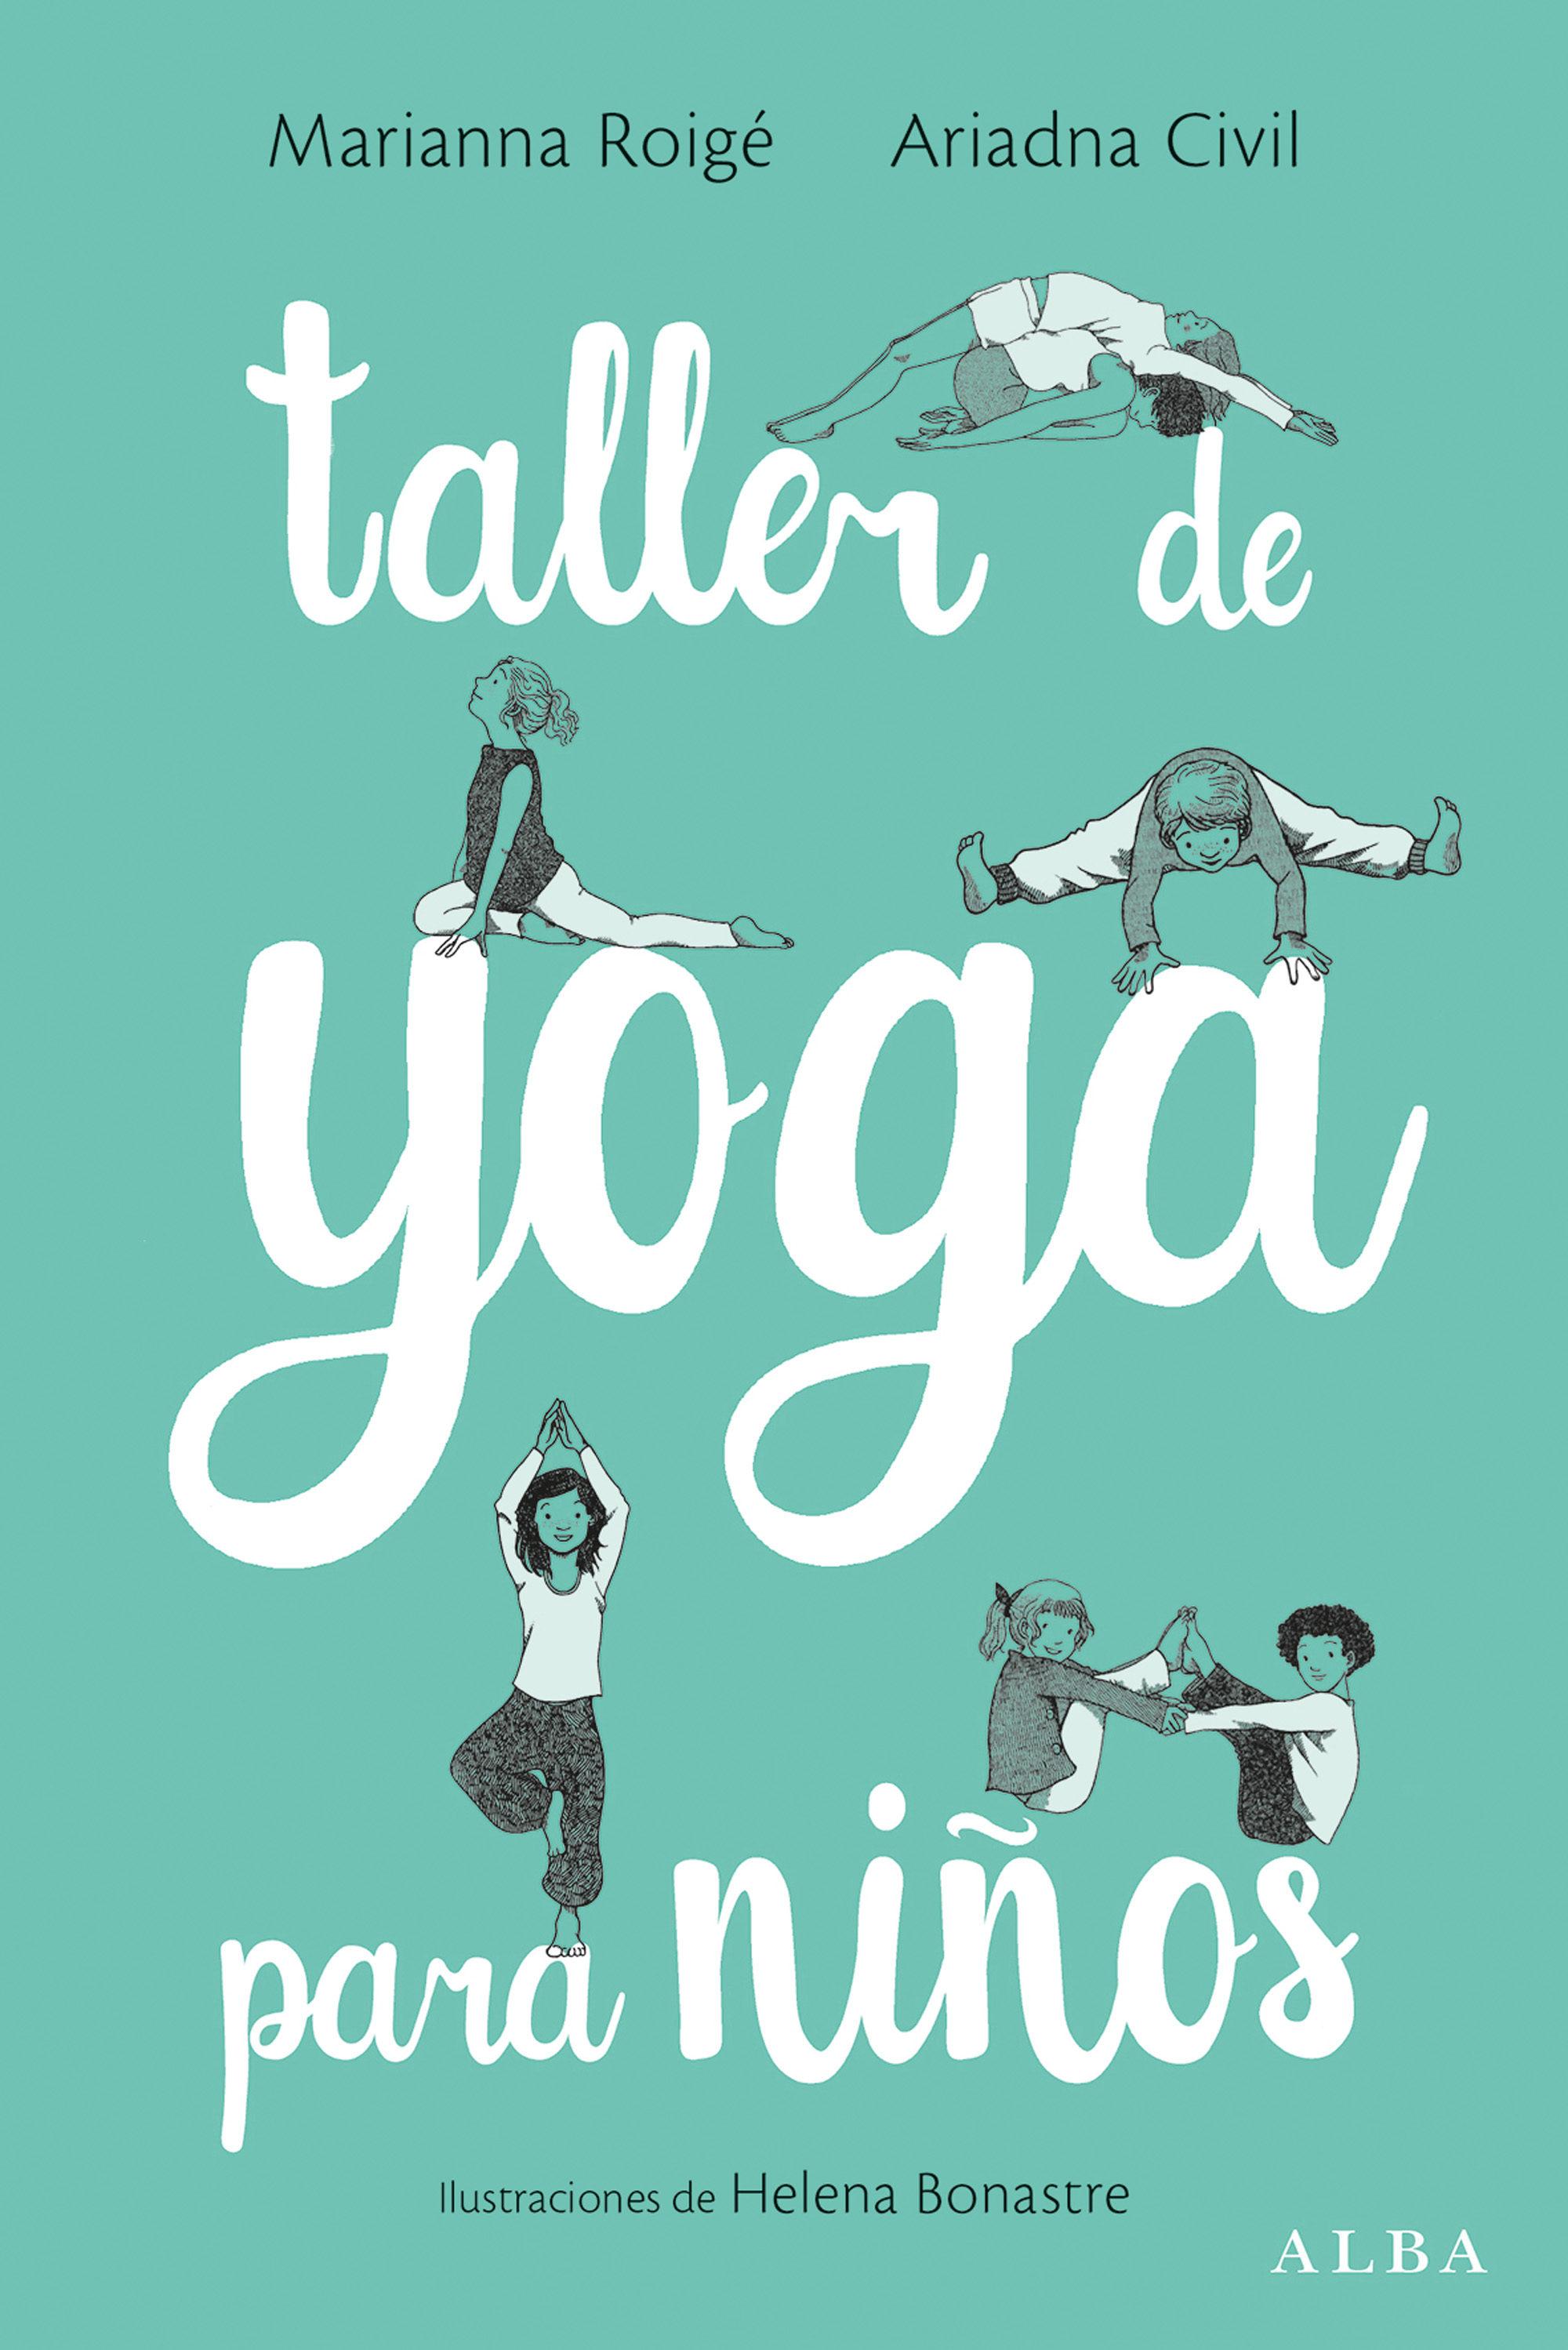 TALLER DE YOGA PARA NIÑOS | MARIANNA ROIGE | Comprar libro 9788490653906